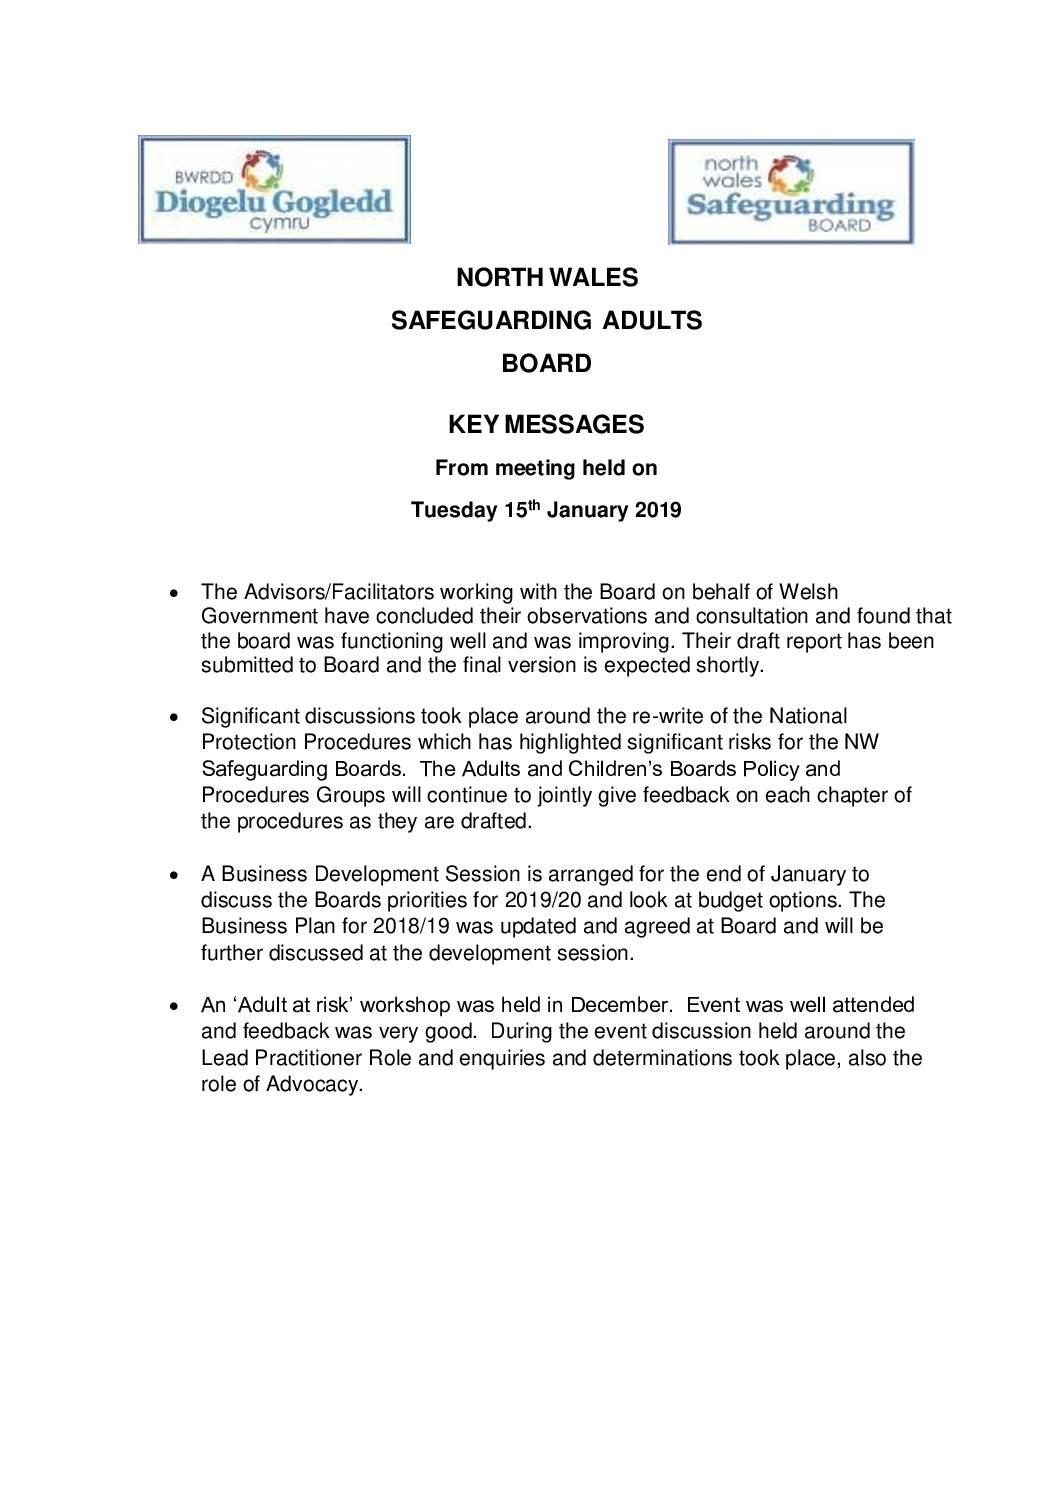 Key Messages NWSAB January 2019